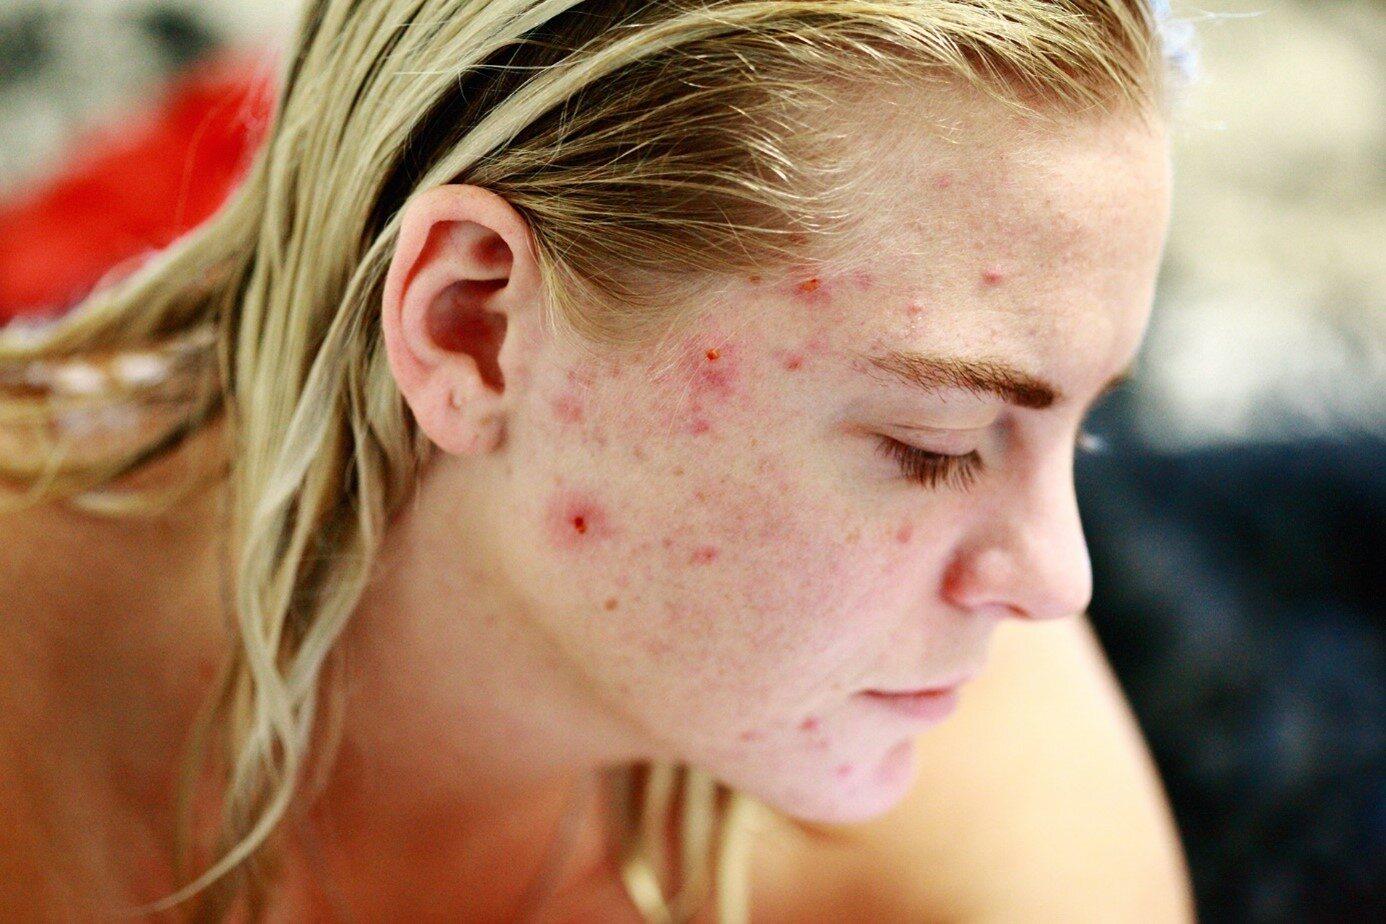 Frau mit Hautirritationen im Gesicht